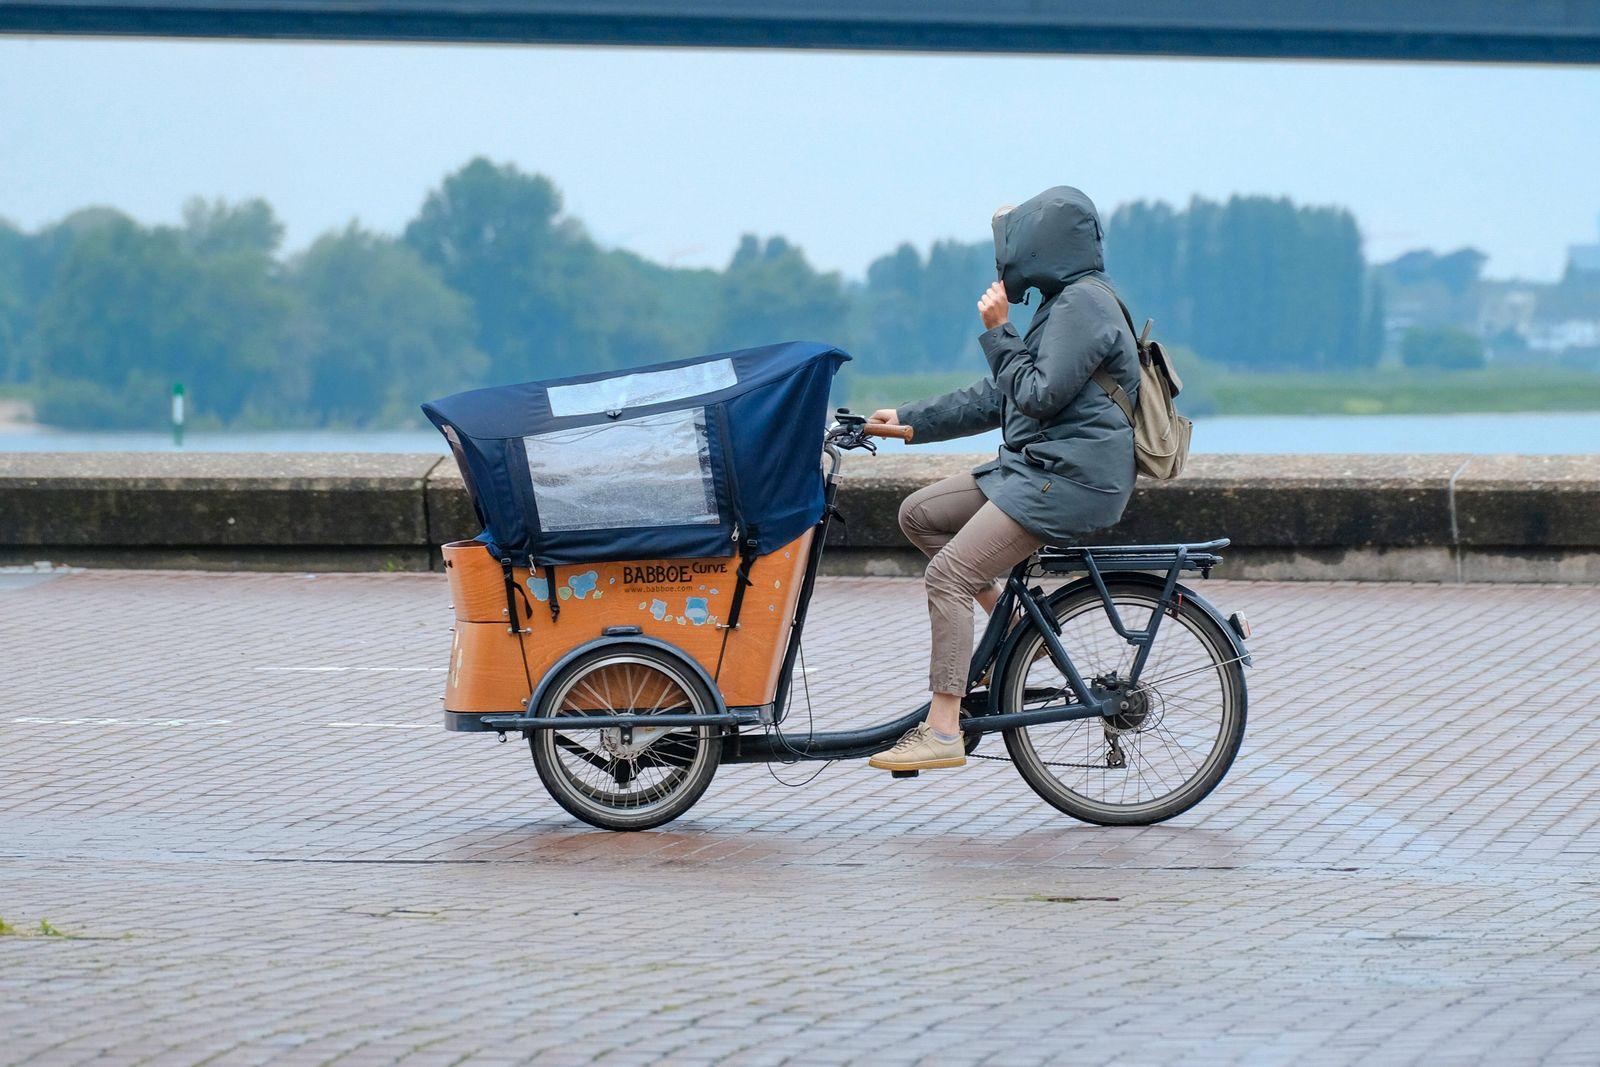 Düsseldorf 27.05.2021 Lastenrad Lastenfahrrad Fahrrad Babboe Curve Regen Regenschutz Regenplane Regenkapuze Transportra